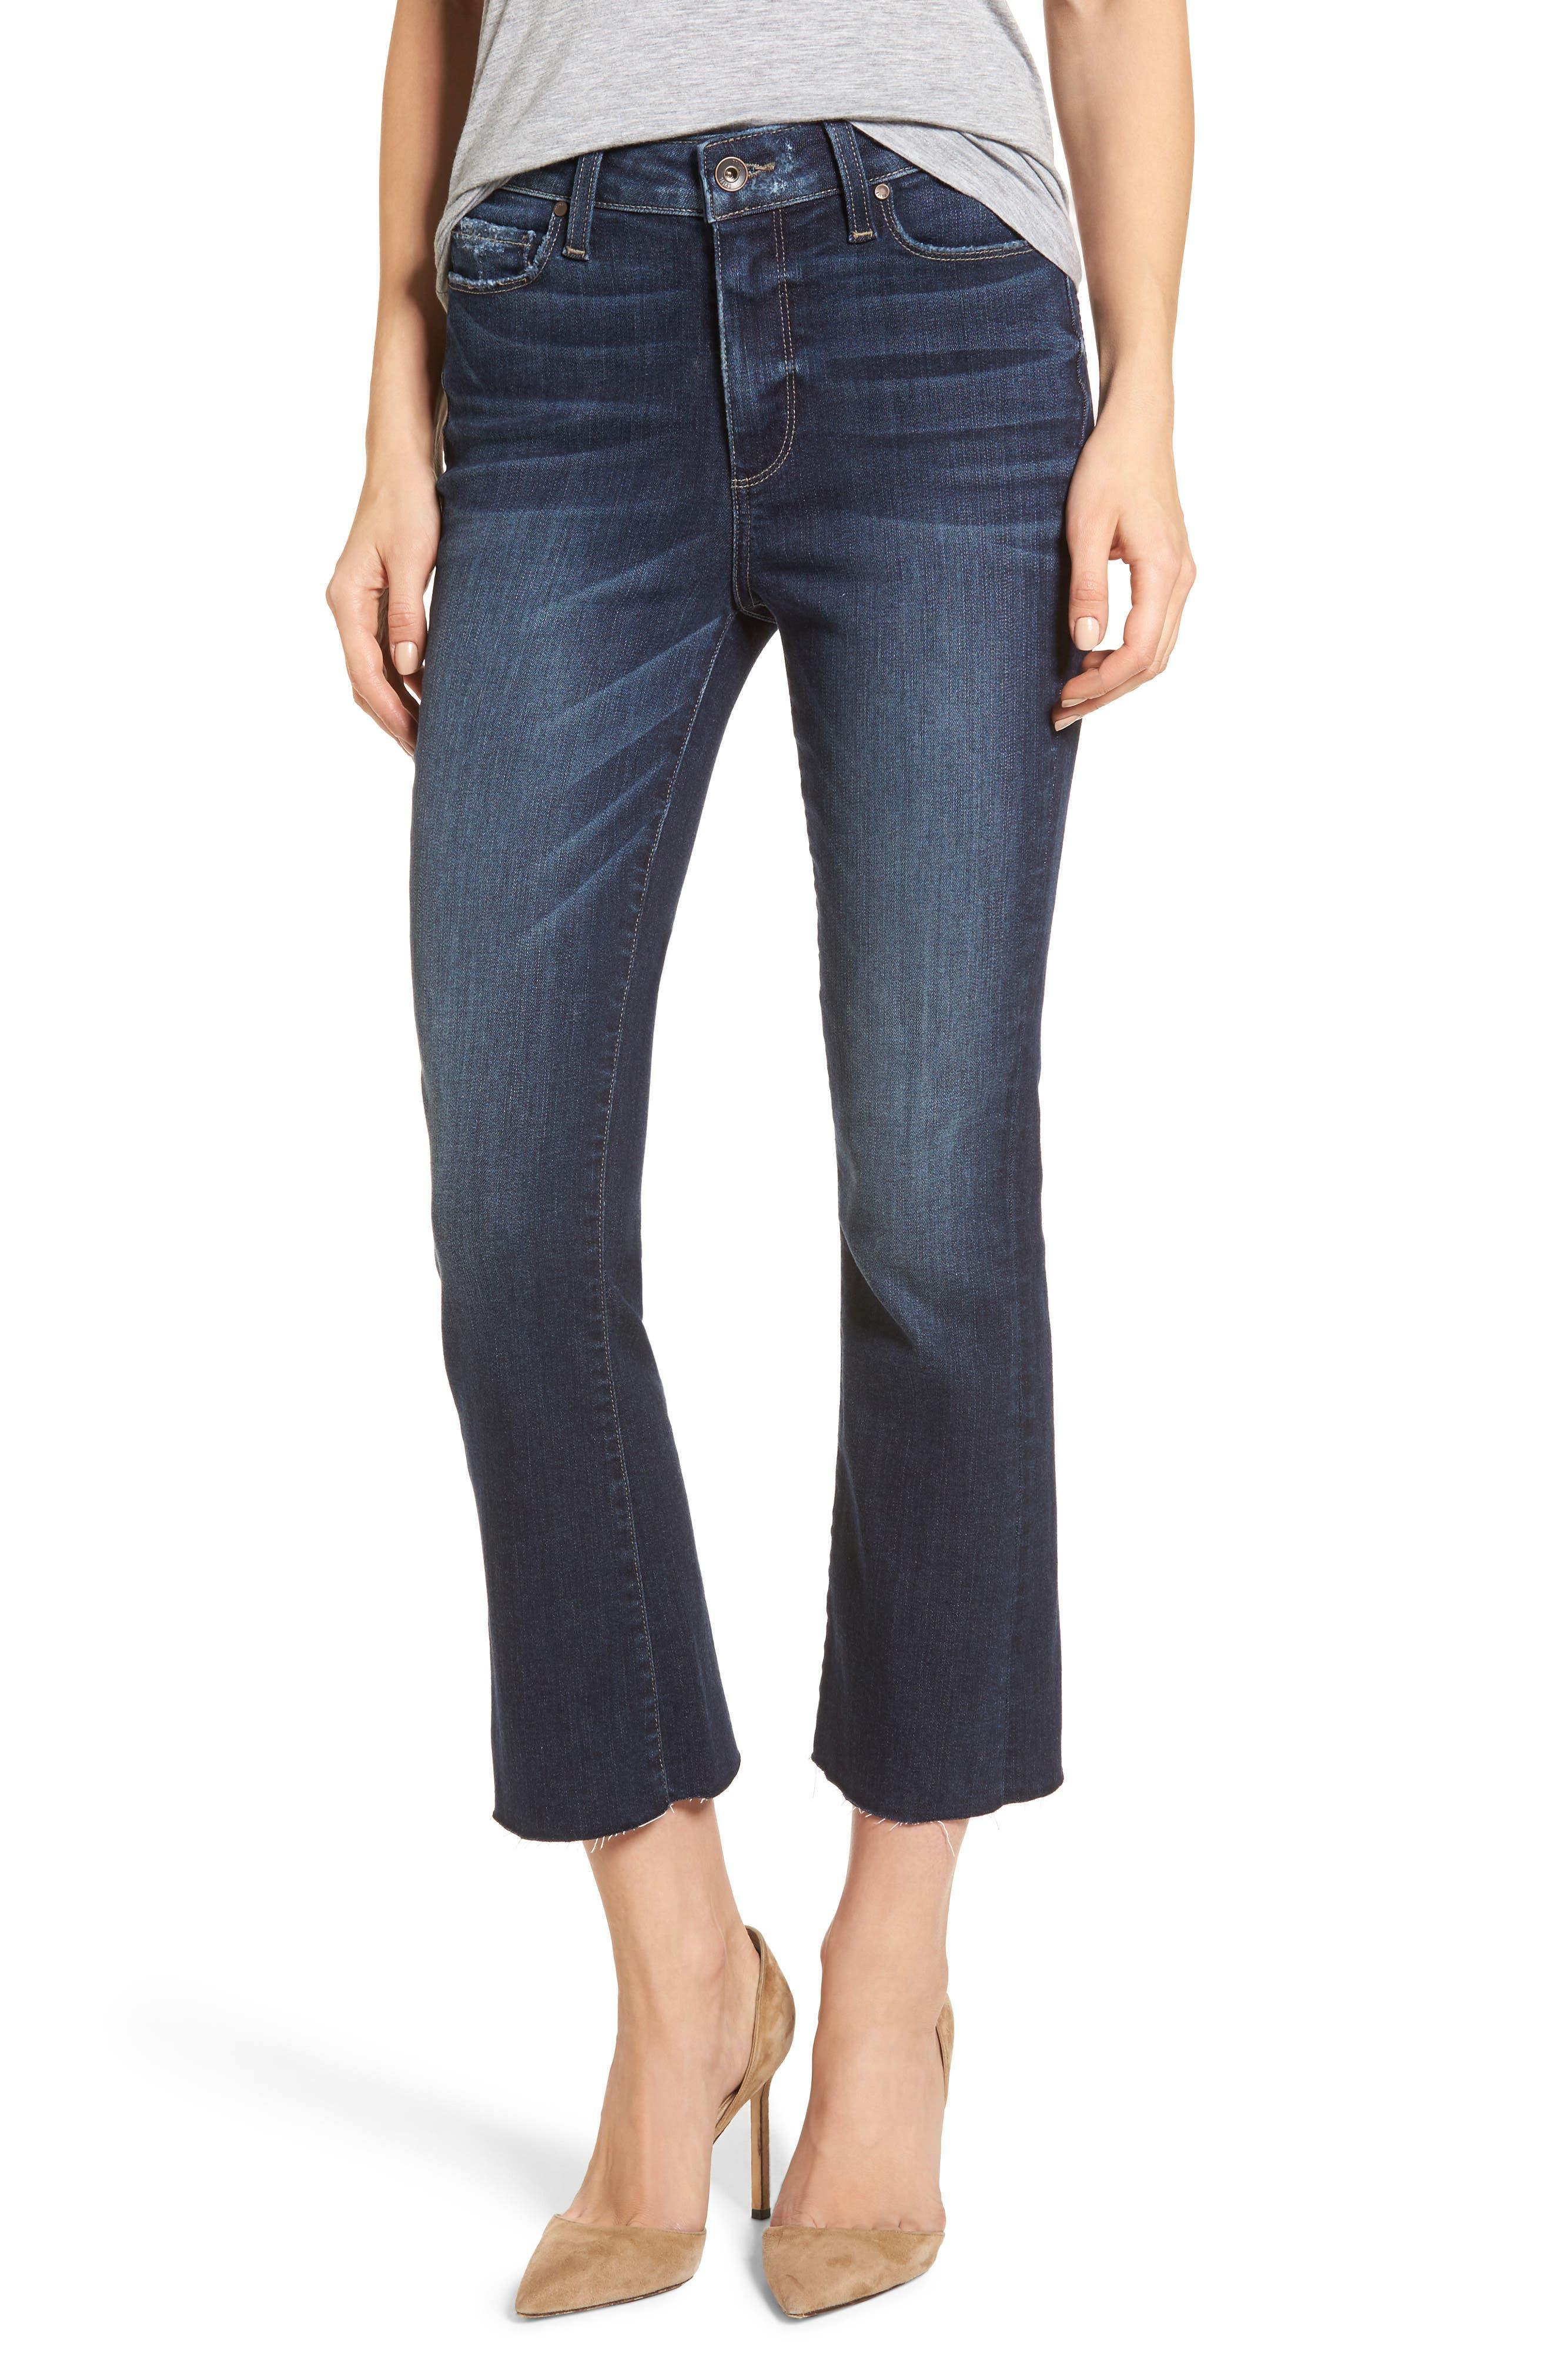 Main Image - PAIGE Transcend Vintage - Colette Crop Flare Jeans (Anza)